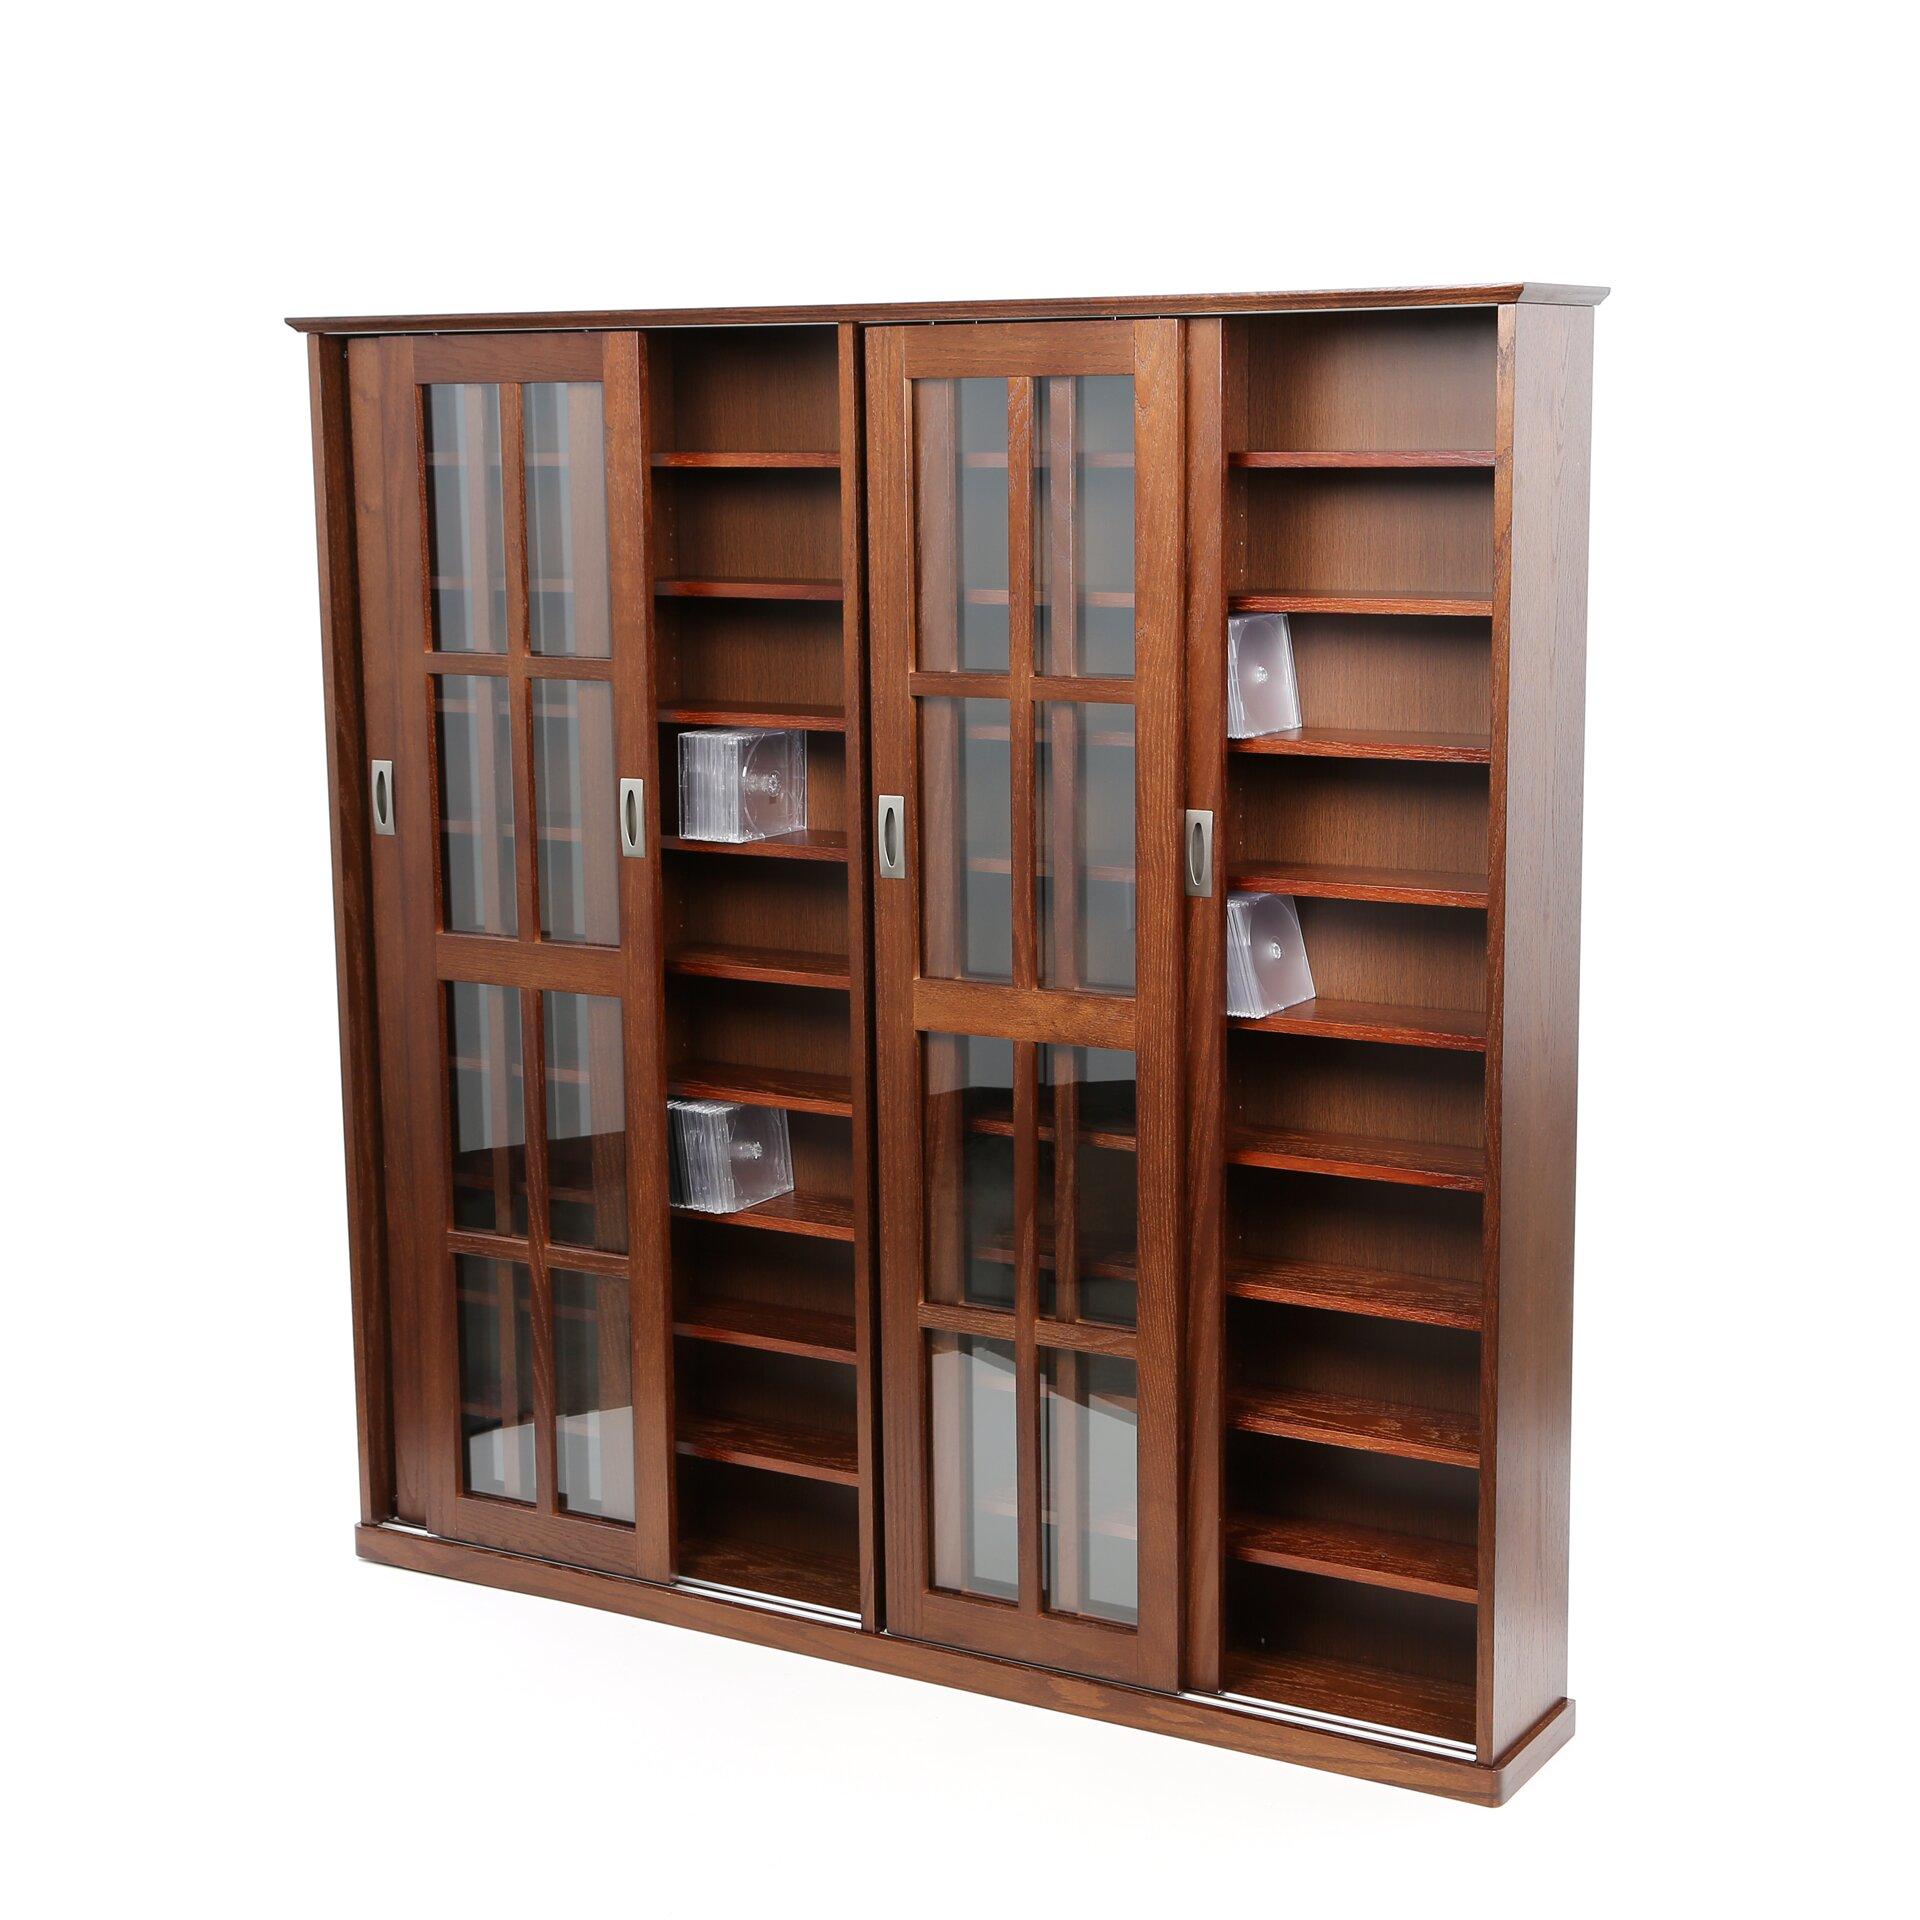 Andover mills jones multimedia cabinet reviews wayfair for Wayfair kitchen cabinets